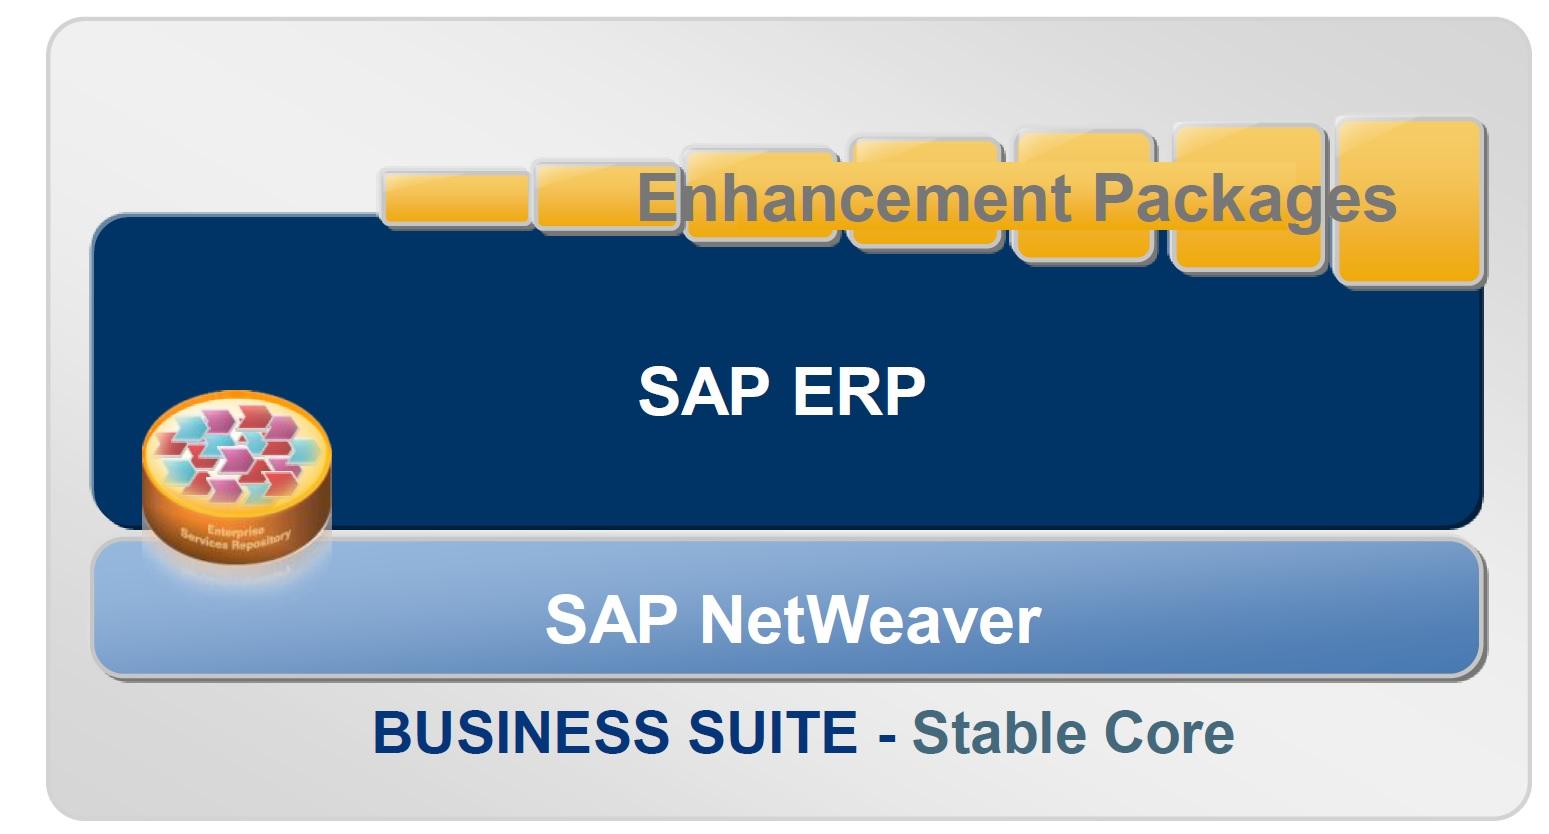 SAP ERP: gli Enhancement Packages